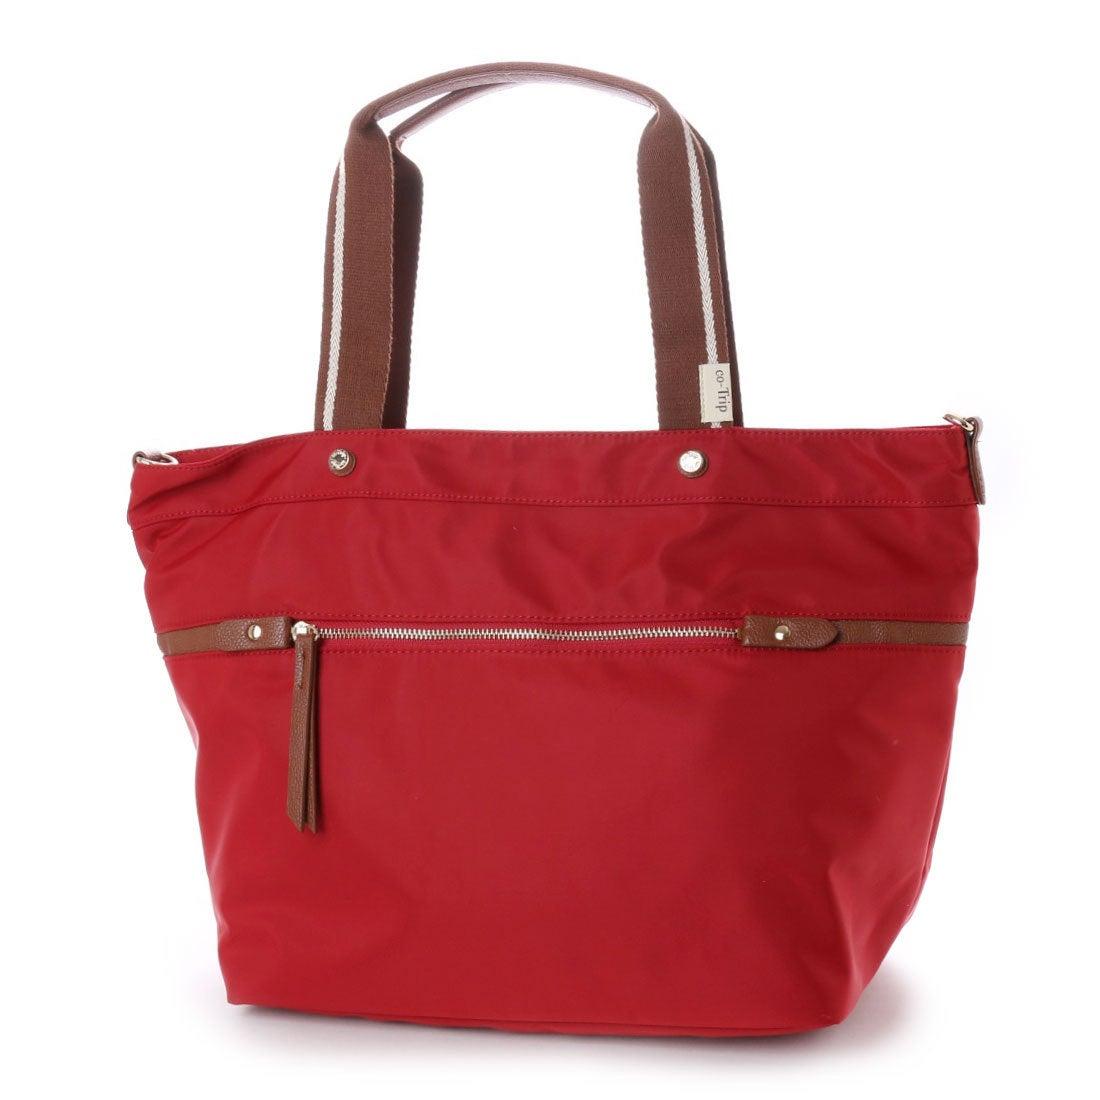 コトリップ ことりっぷ 軽量 普段使いから軽旅行まで ことりっぷ 大きめトートバッグ (ワイン) レディース